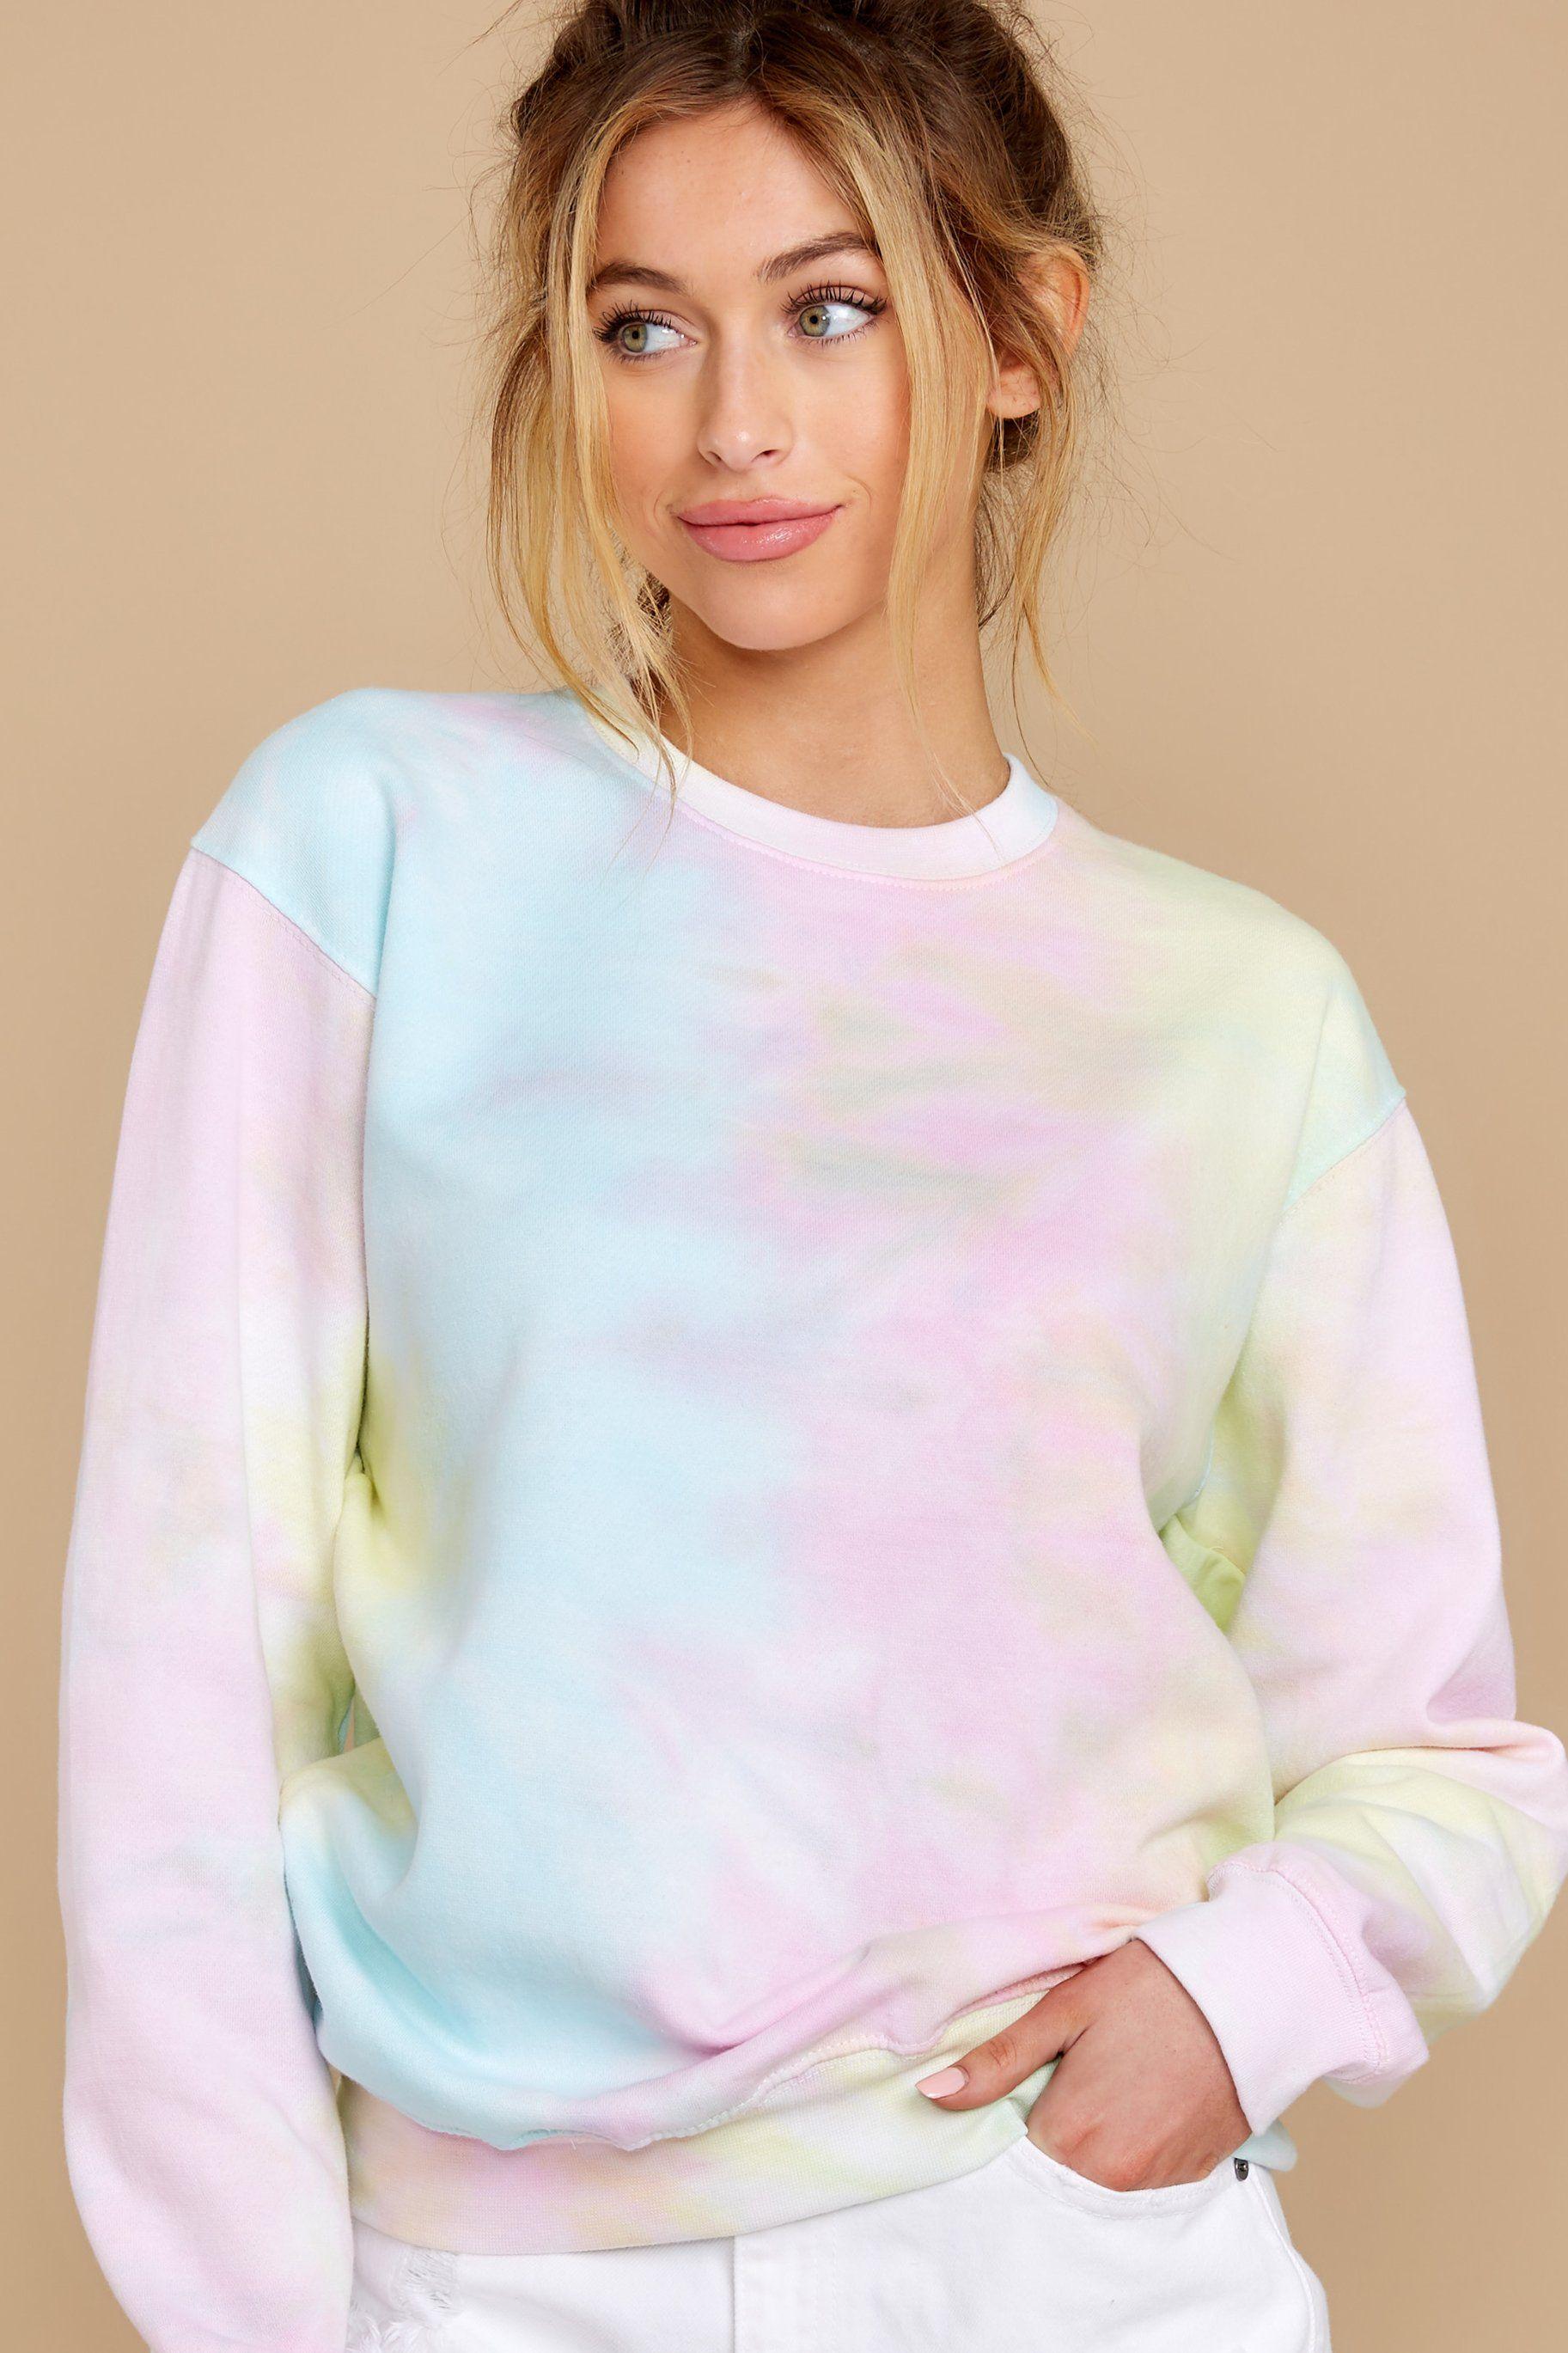 Sweet Yellow Tie Dye Sweatshirt Soft Oversized Pullover Top 28 Tie Dye Sweatshirt Pink Tie Dye Tie Dye [ 2738 x 1825 Pixel ]